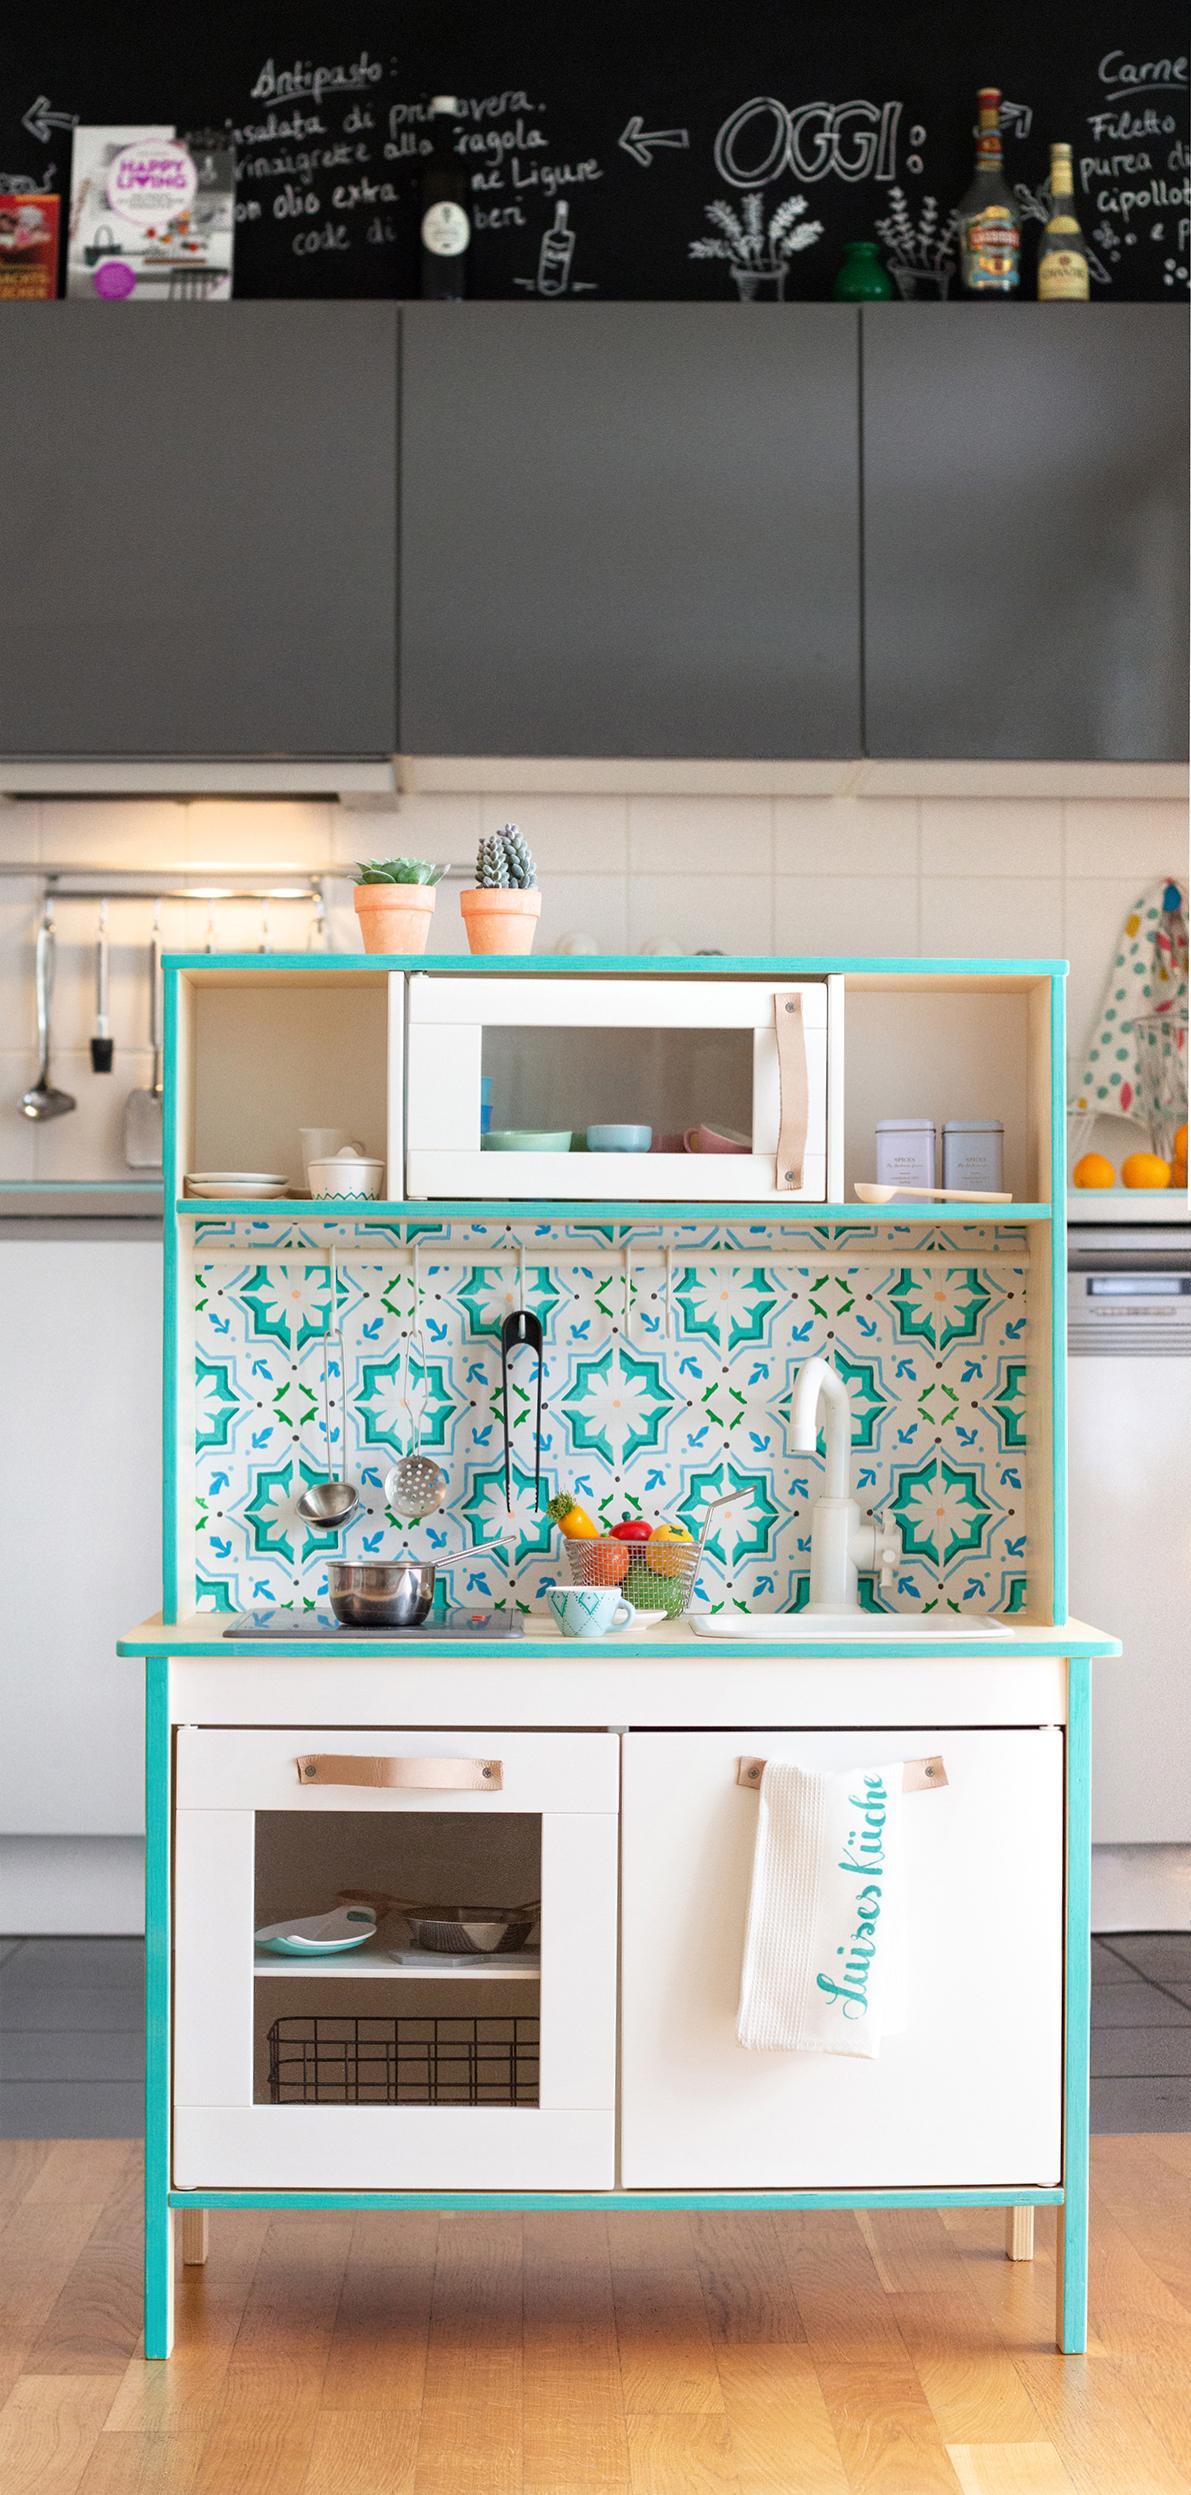 Pimp my kitchen: IKEA Duktig Kinderküche und Zubehör bemalen